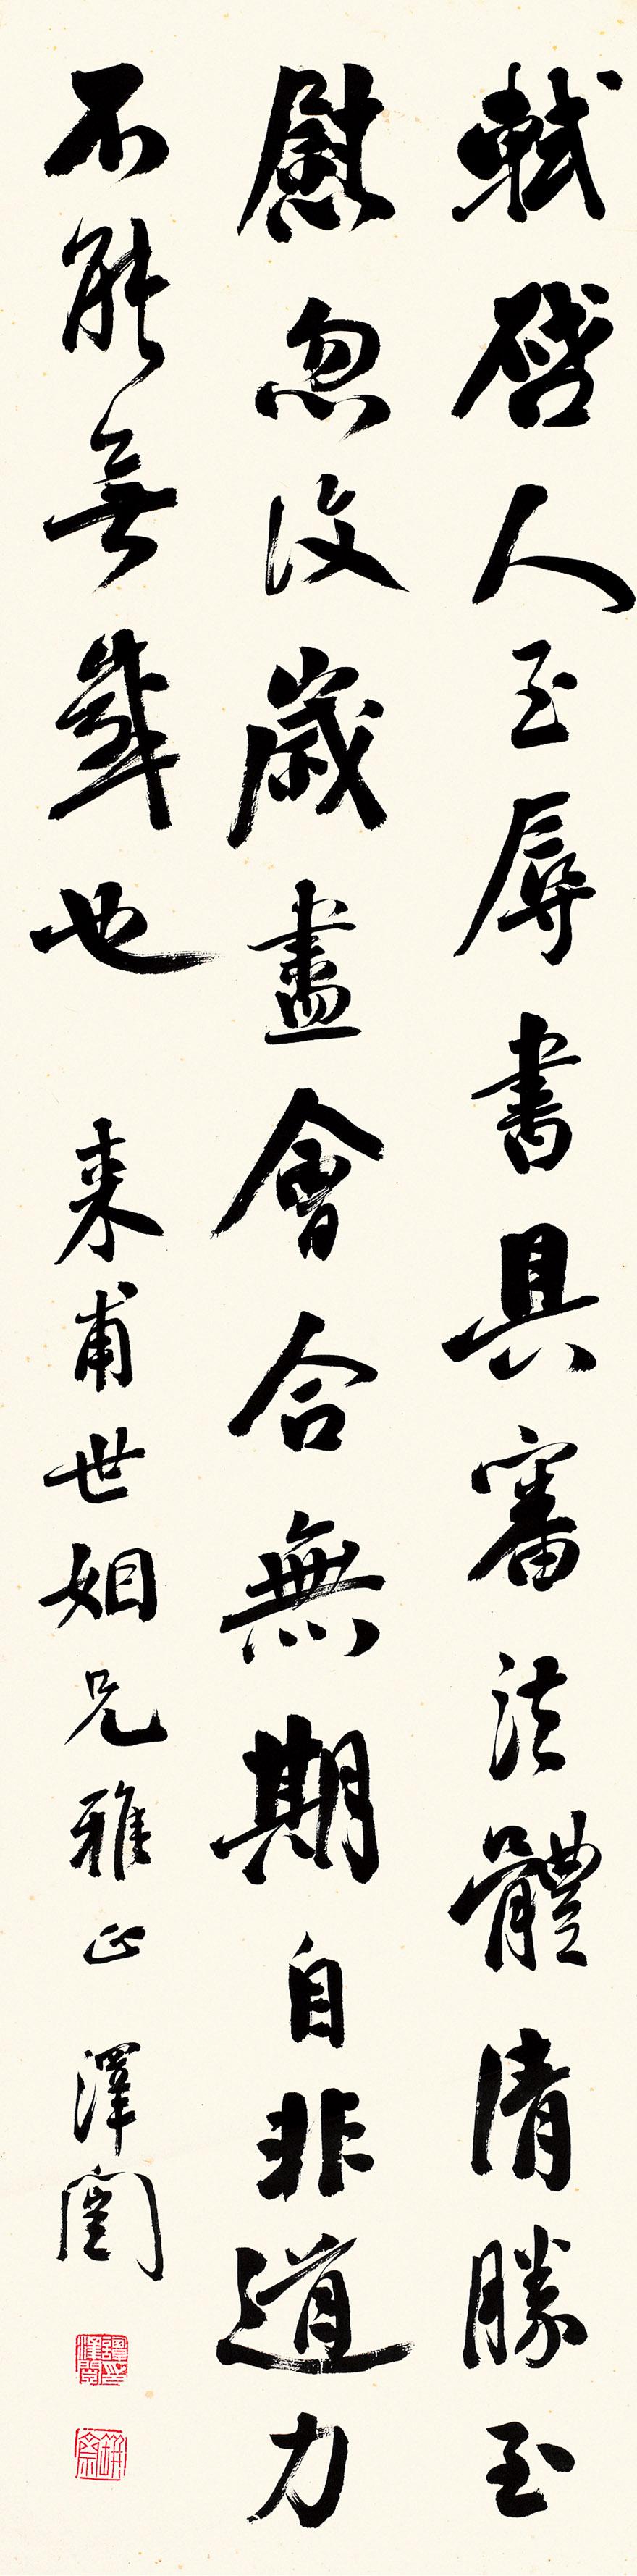 行书苏轼文